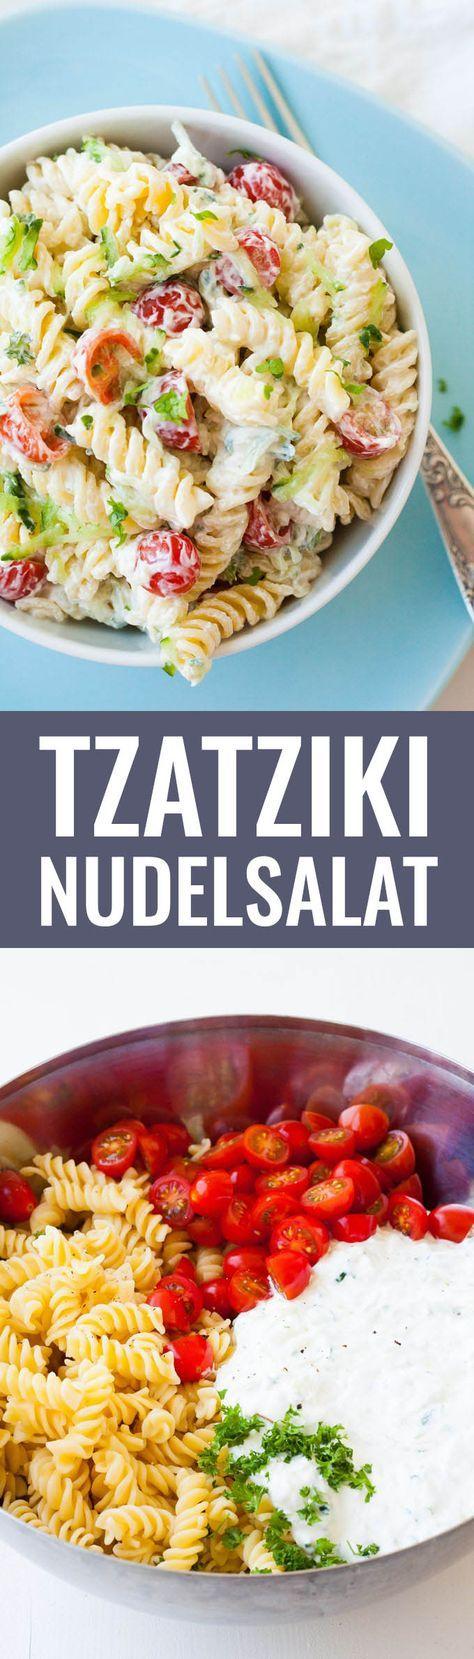 Tzatziki Nudelsalat ZUTATEN 500 g Pasta ½ Gurke 3 Knoblauchzehen 250 g Sahnequark 20 % 100 g Creme Fraiche 250 g kleine Tomaten Salz und Pfeffer Olivenöl(Pasta Recipes Salad)